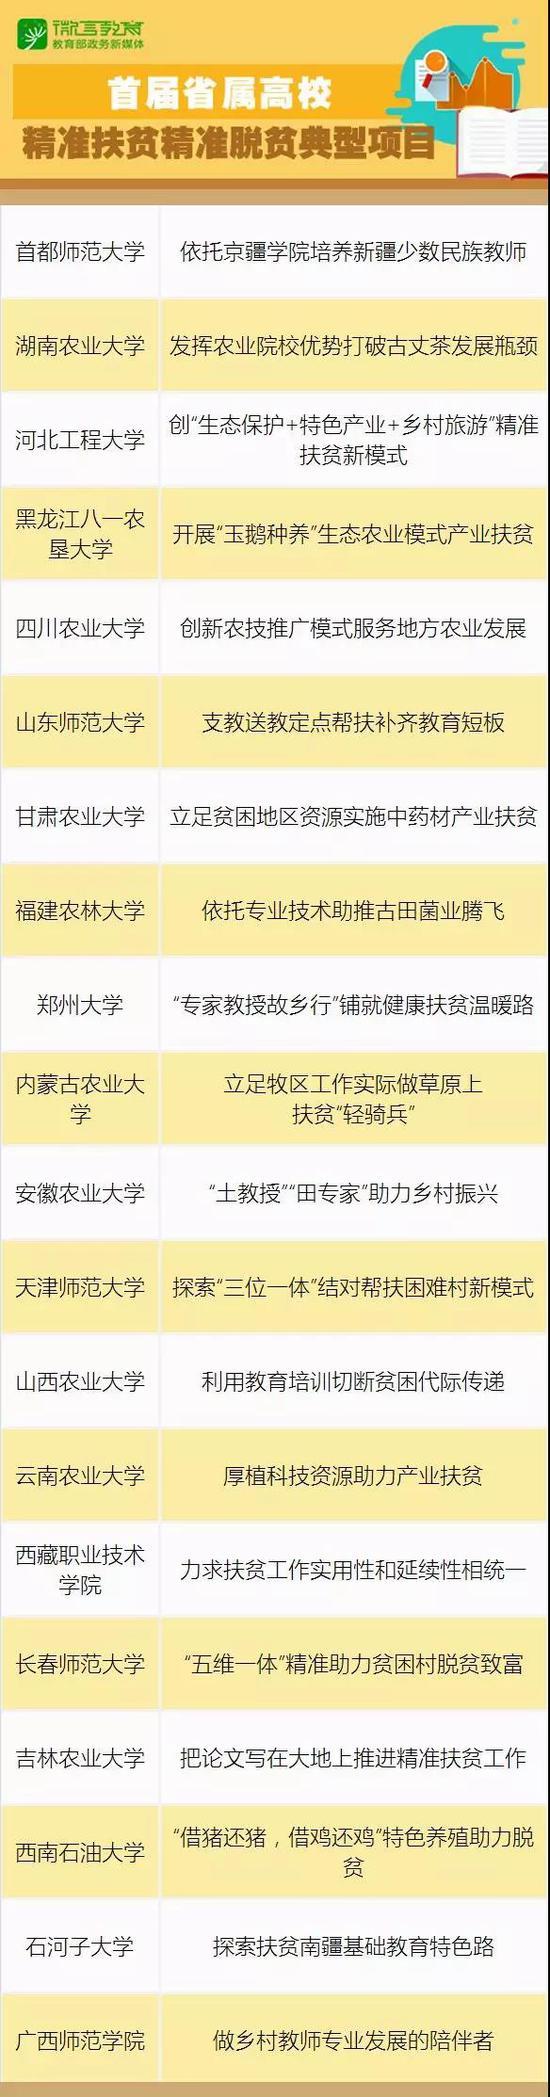 首届省属高校精准扶贫精准脱贫20大典型项目公布